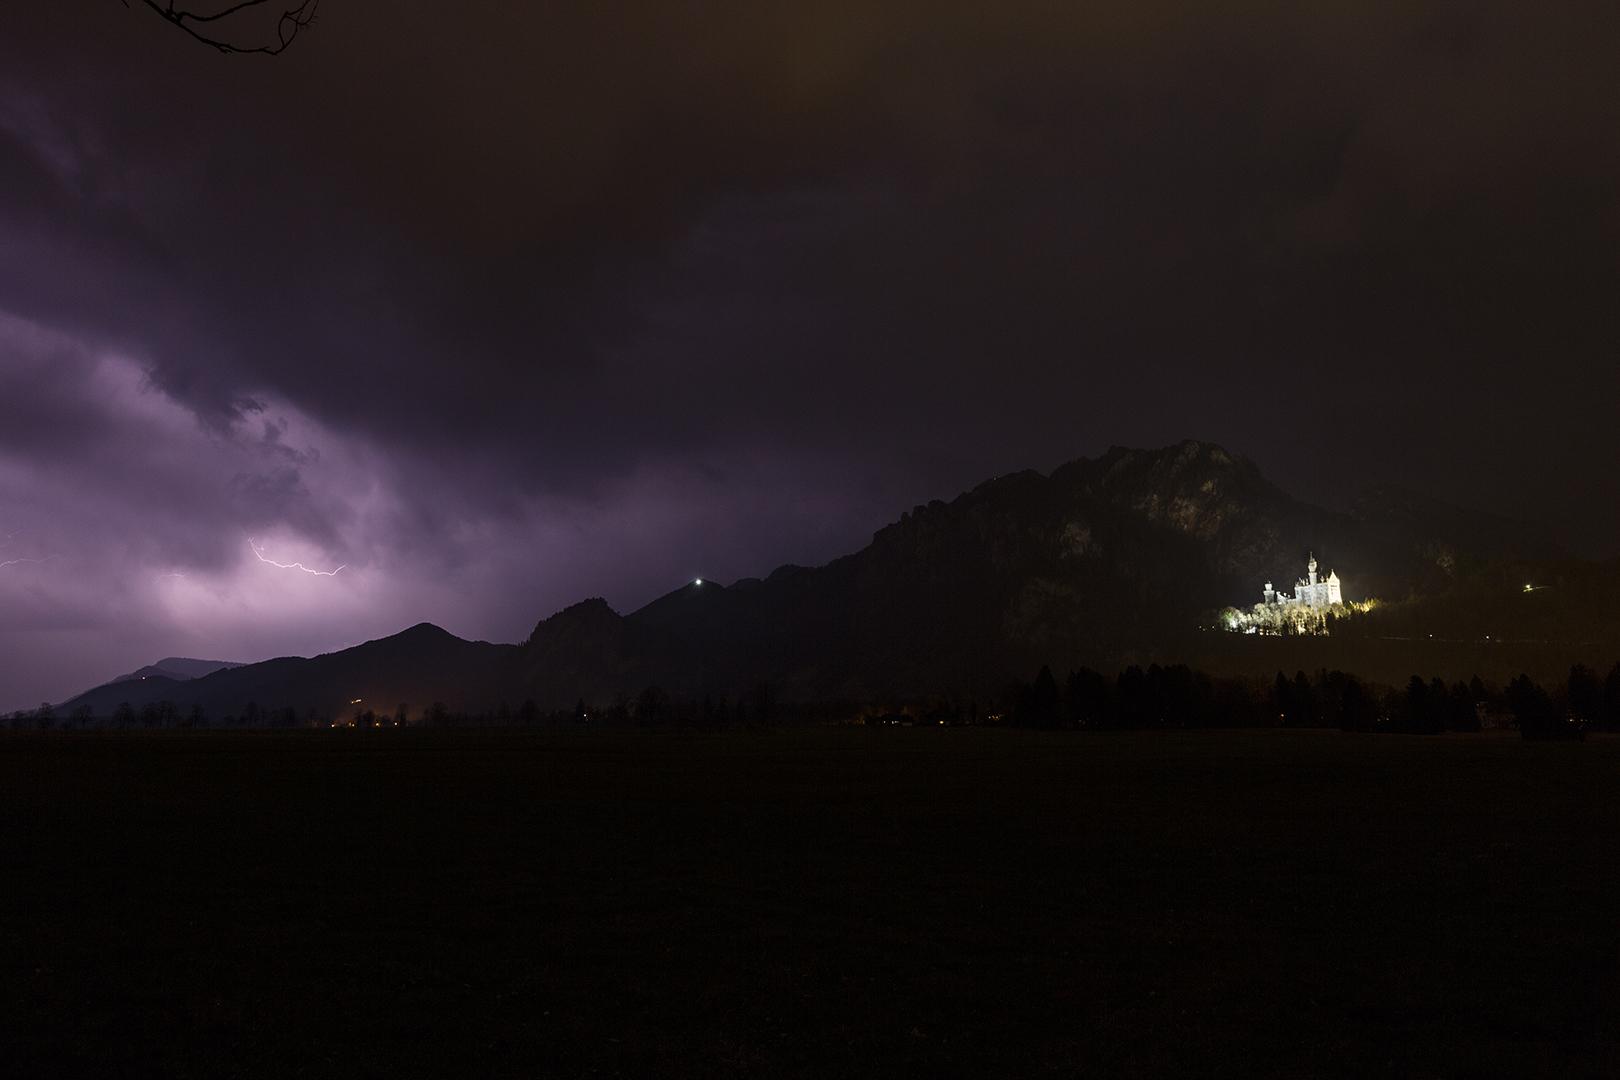 http://www.wetterbilder.net/Bilder/Beobachtungen/2017-04-02/2017.04.02-10.jpg